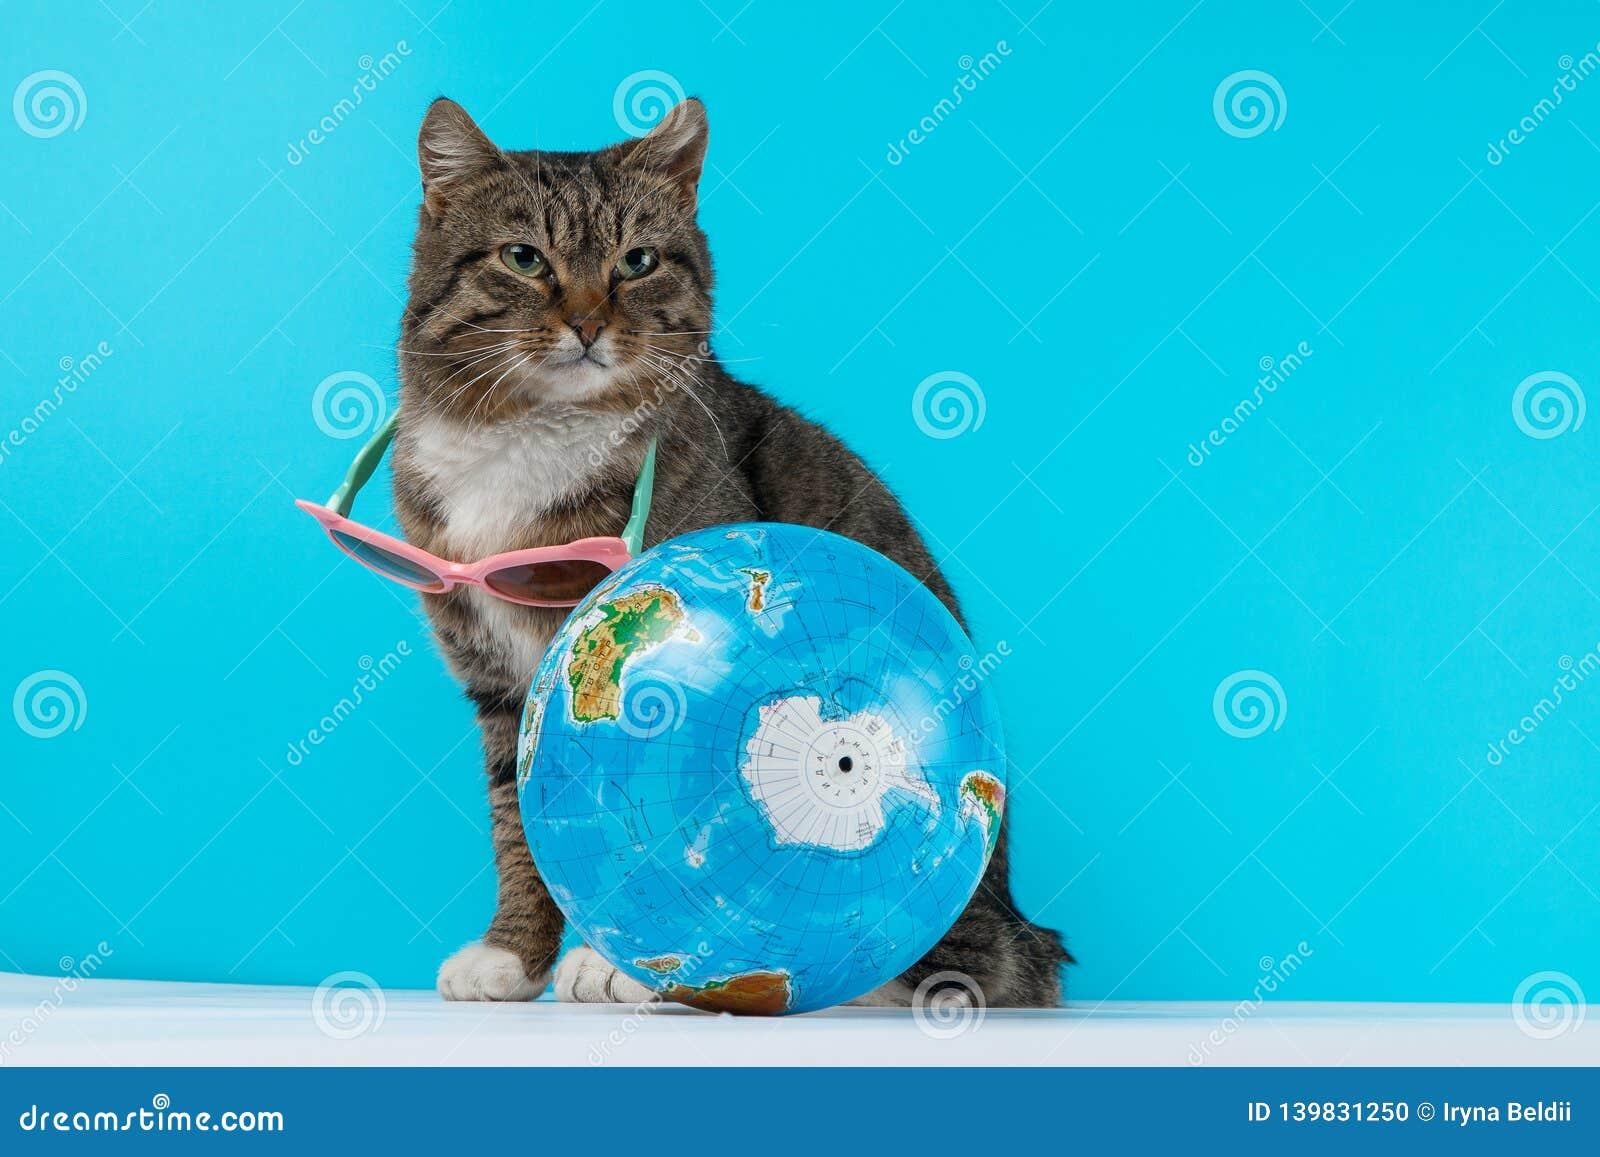 Ταξιδιώτης γατών η γάτα συναντιέται στις διακοπές